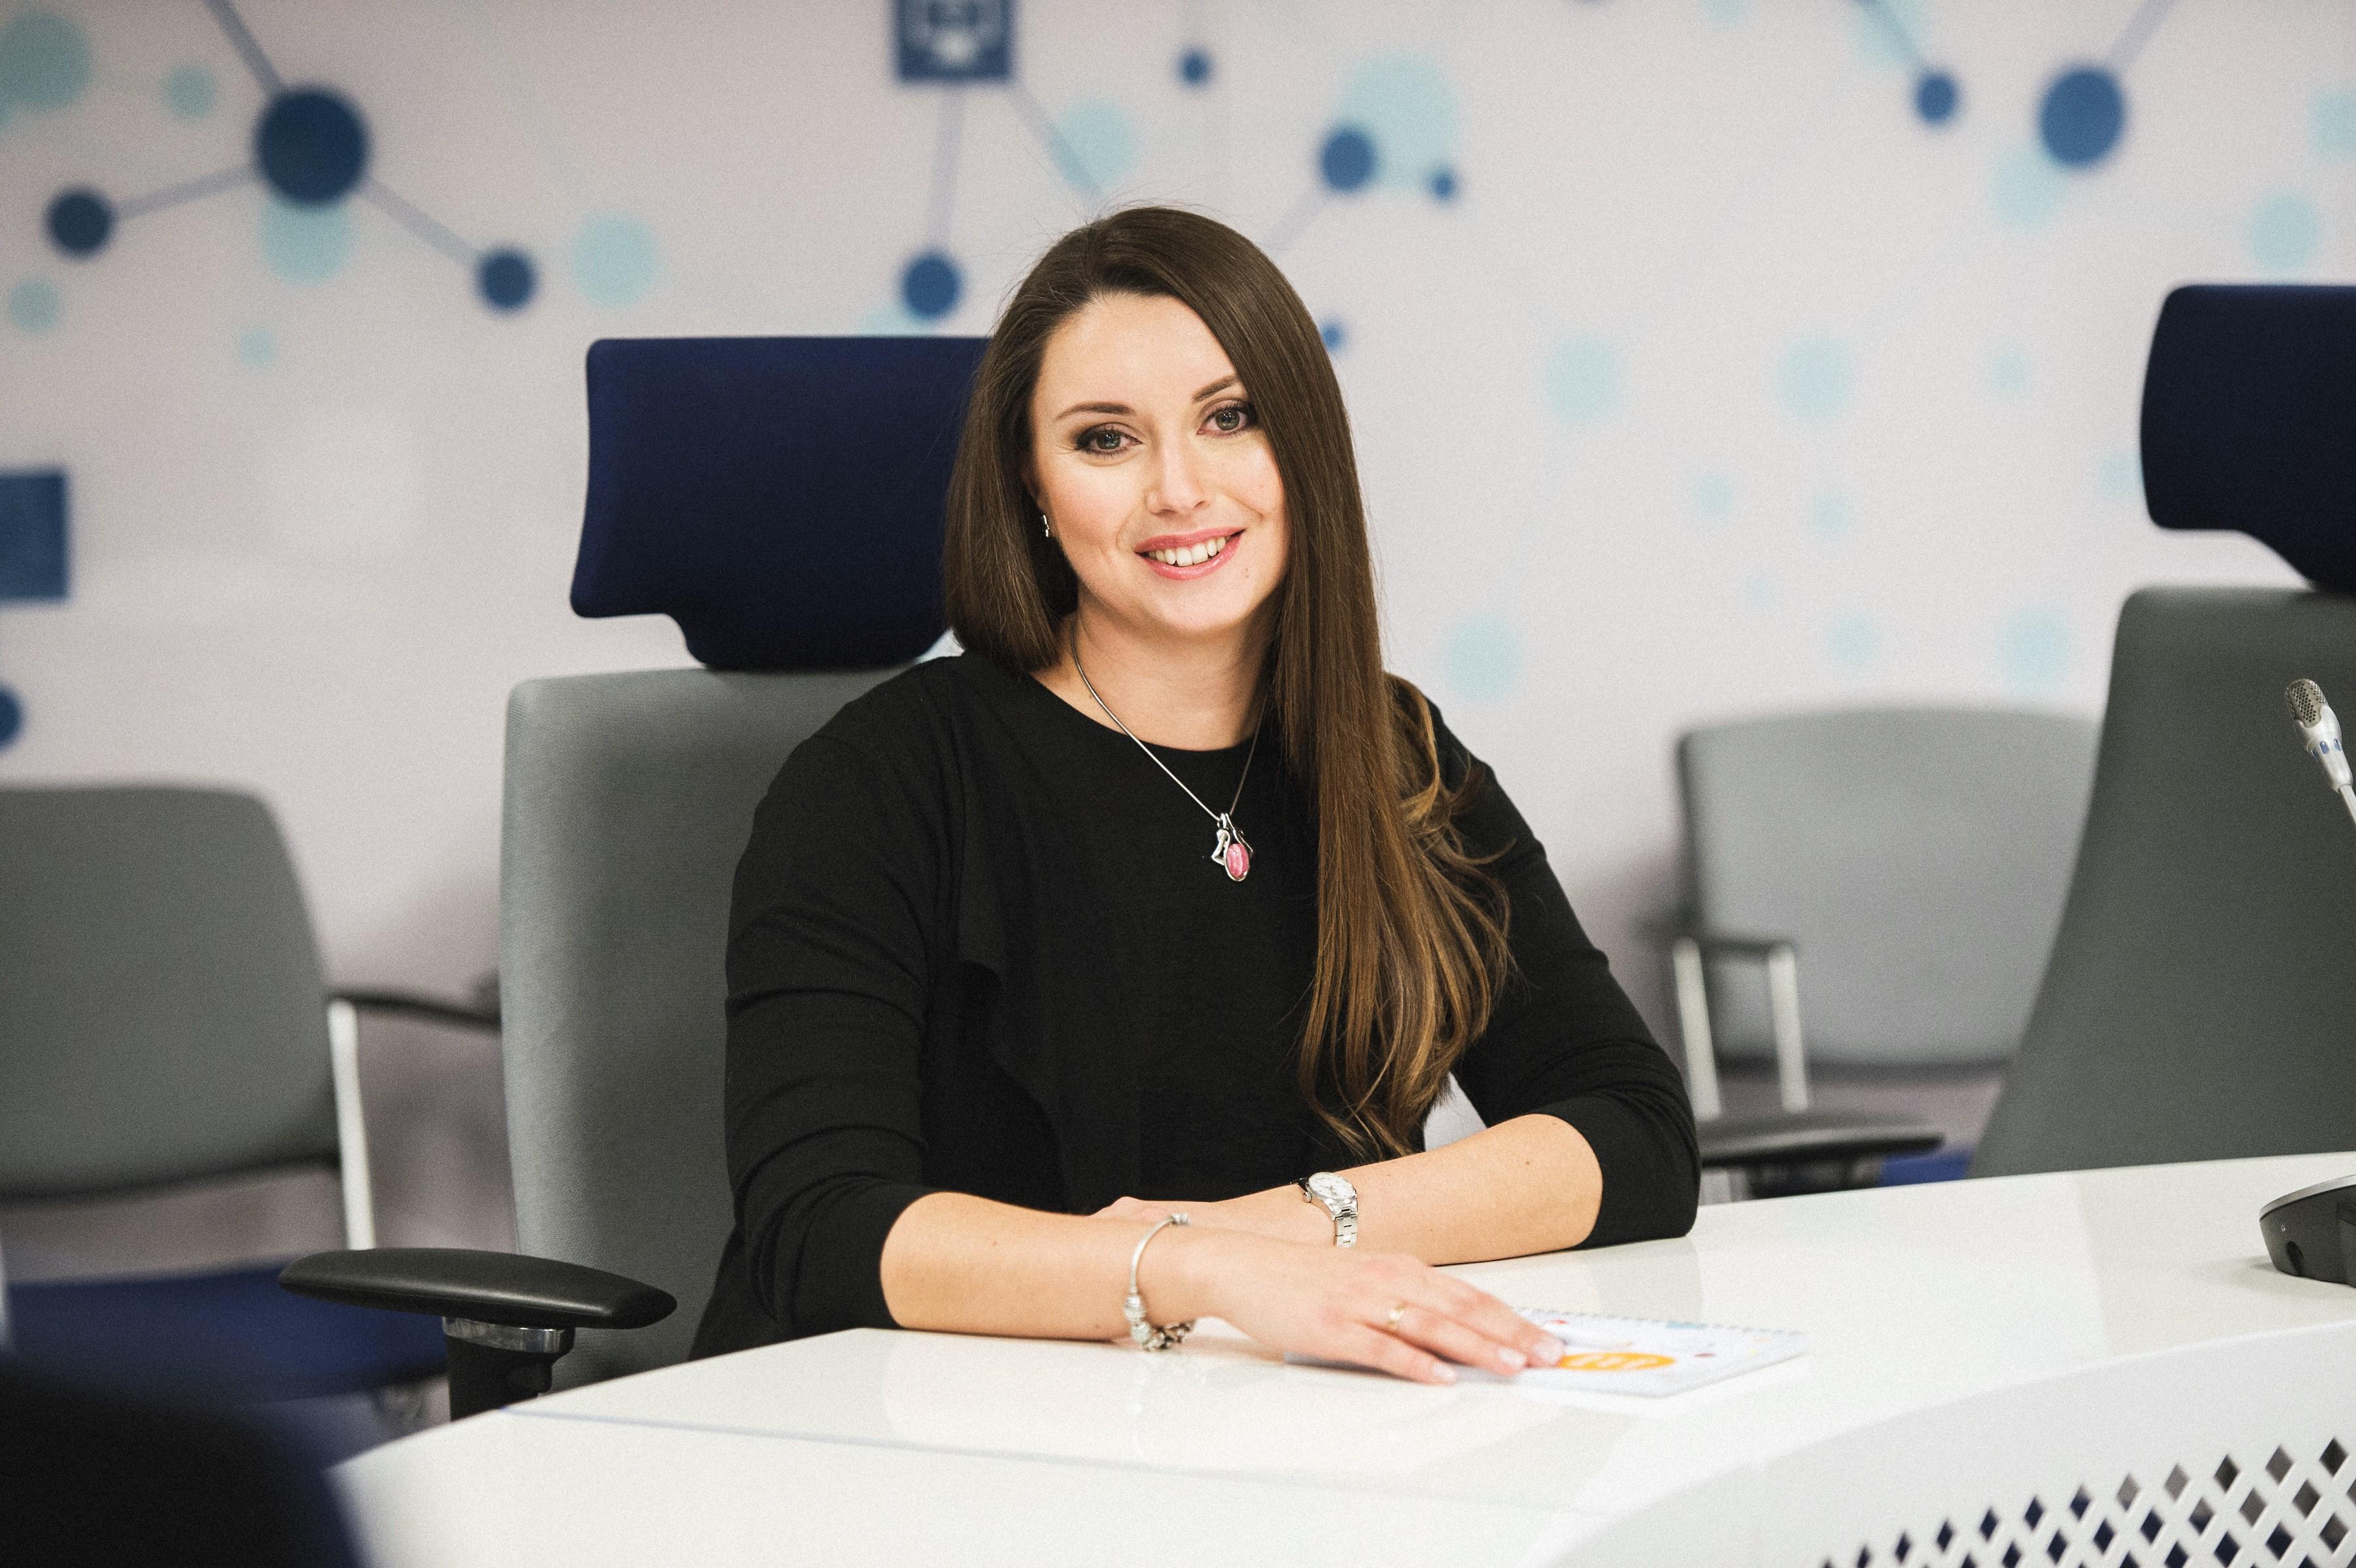 УСЛОВИЯ LUX: Екатерина Губарева из Luxoft о талантах, хороших парнях и джентльменах